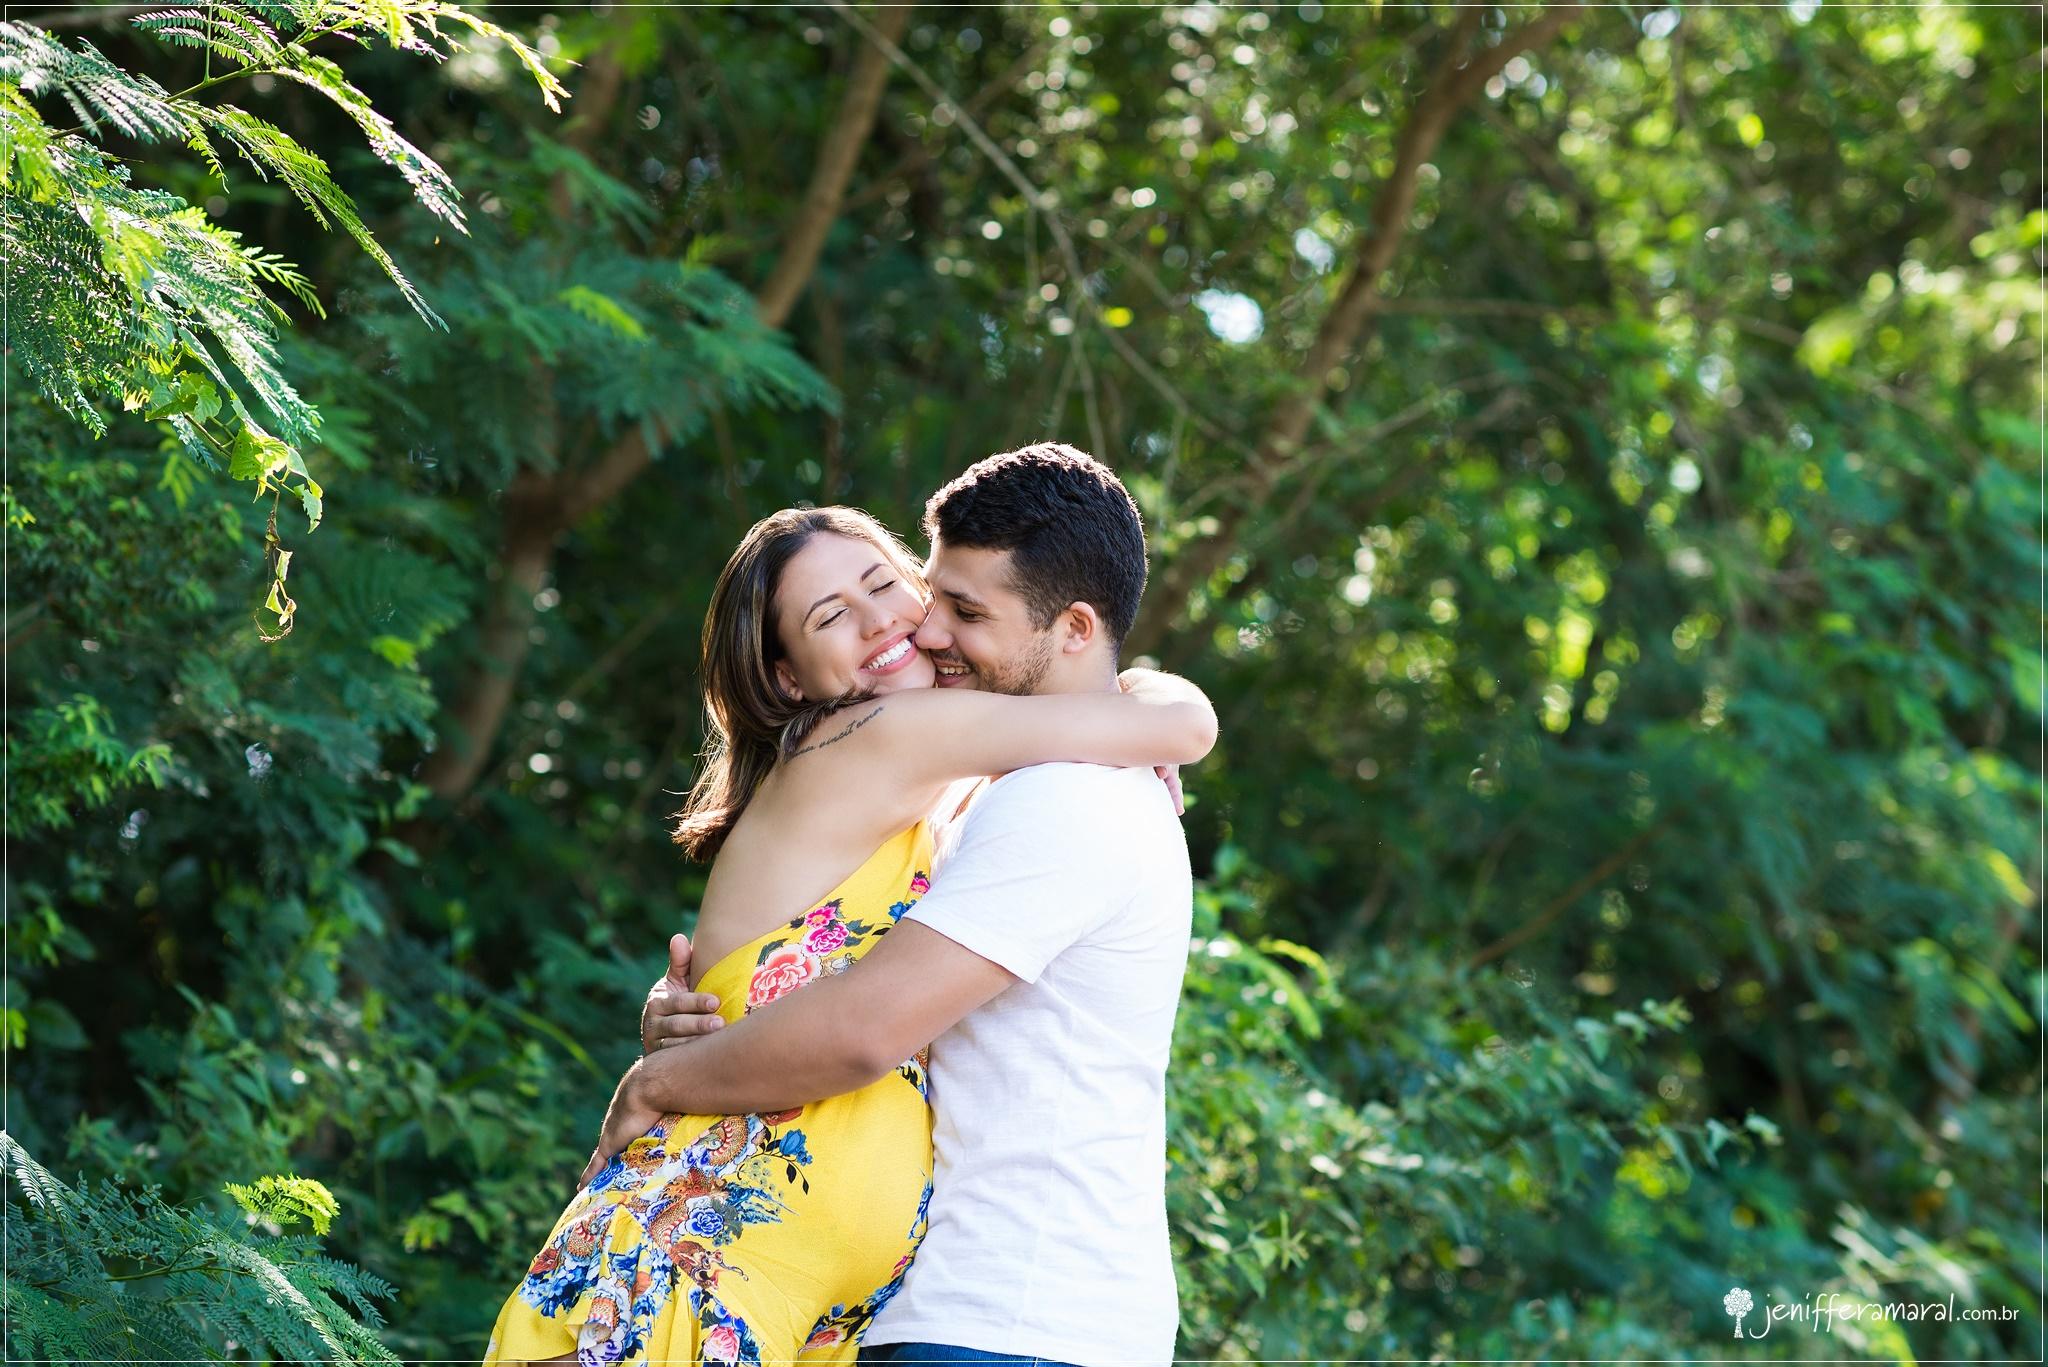 { somos pais do Heitor } www.jenifferamaral.com.br